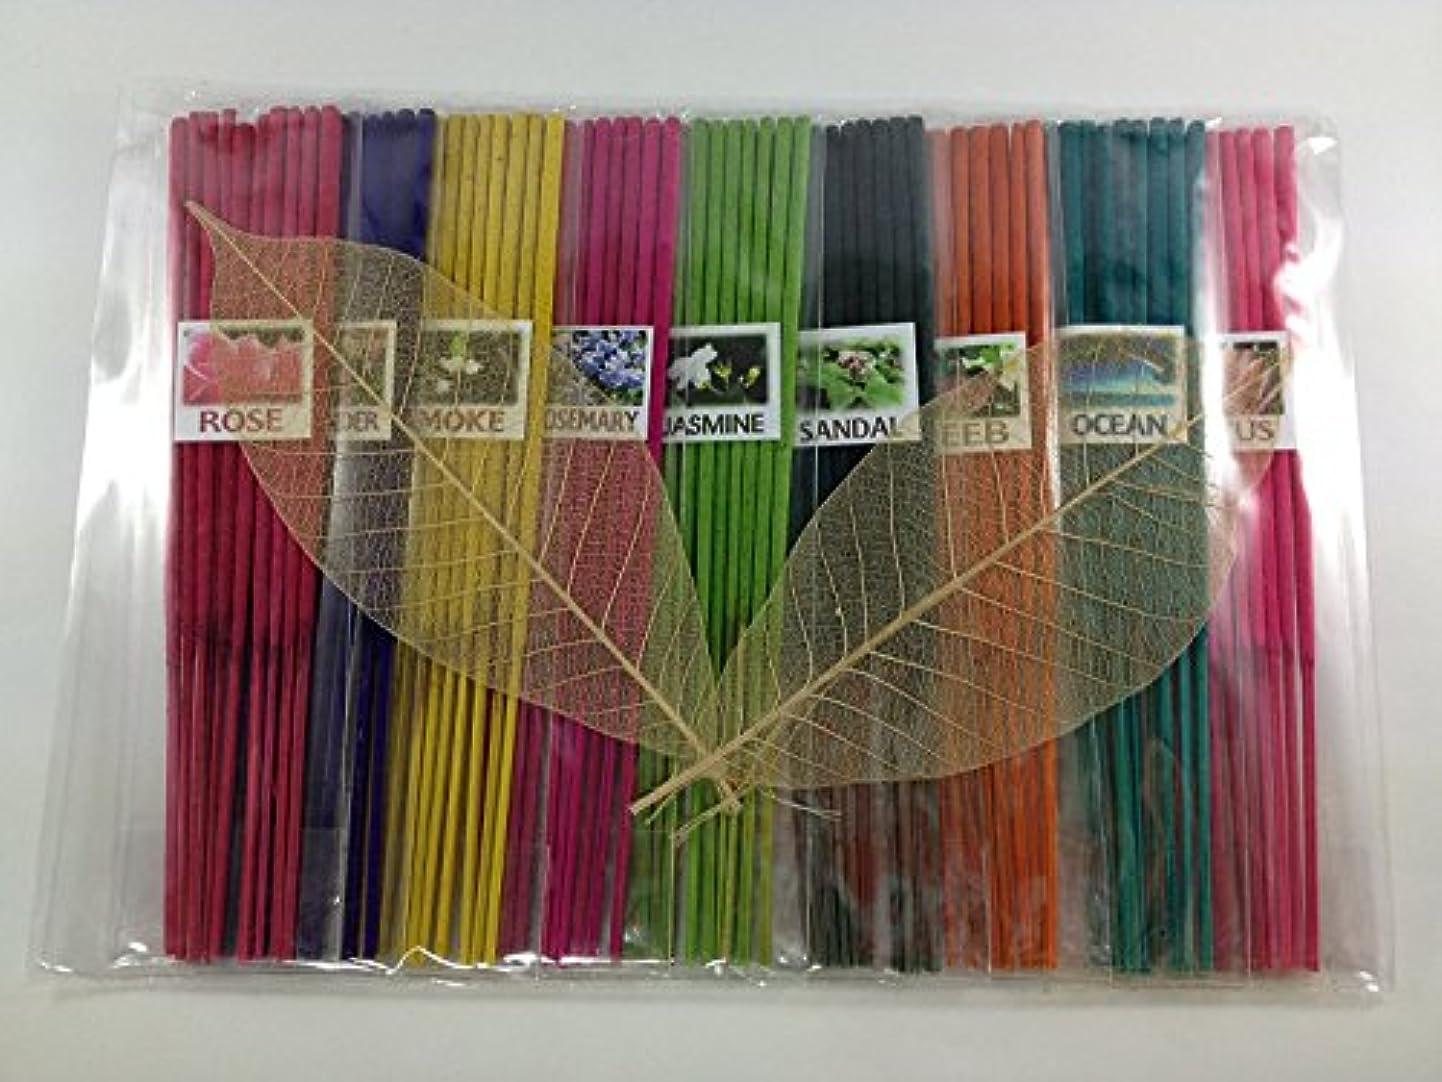 ゆりかご教会突破口Thai Incense Sticks with 9 Aroma Smell - Moke Rosemary Jasmine Sandal Lotus Ocean Rose Lavender Peeb.